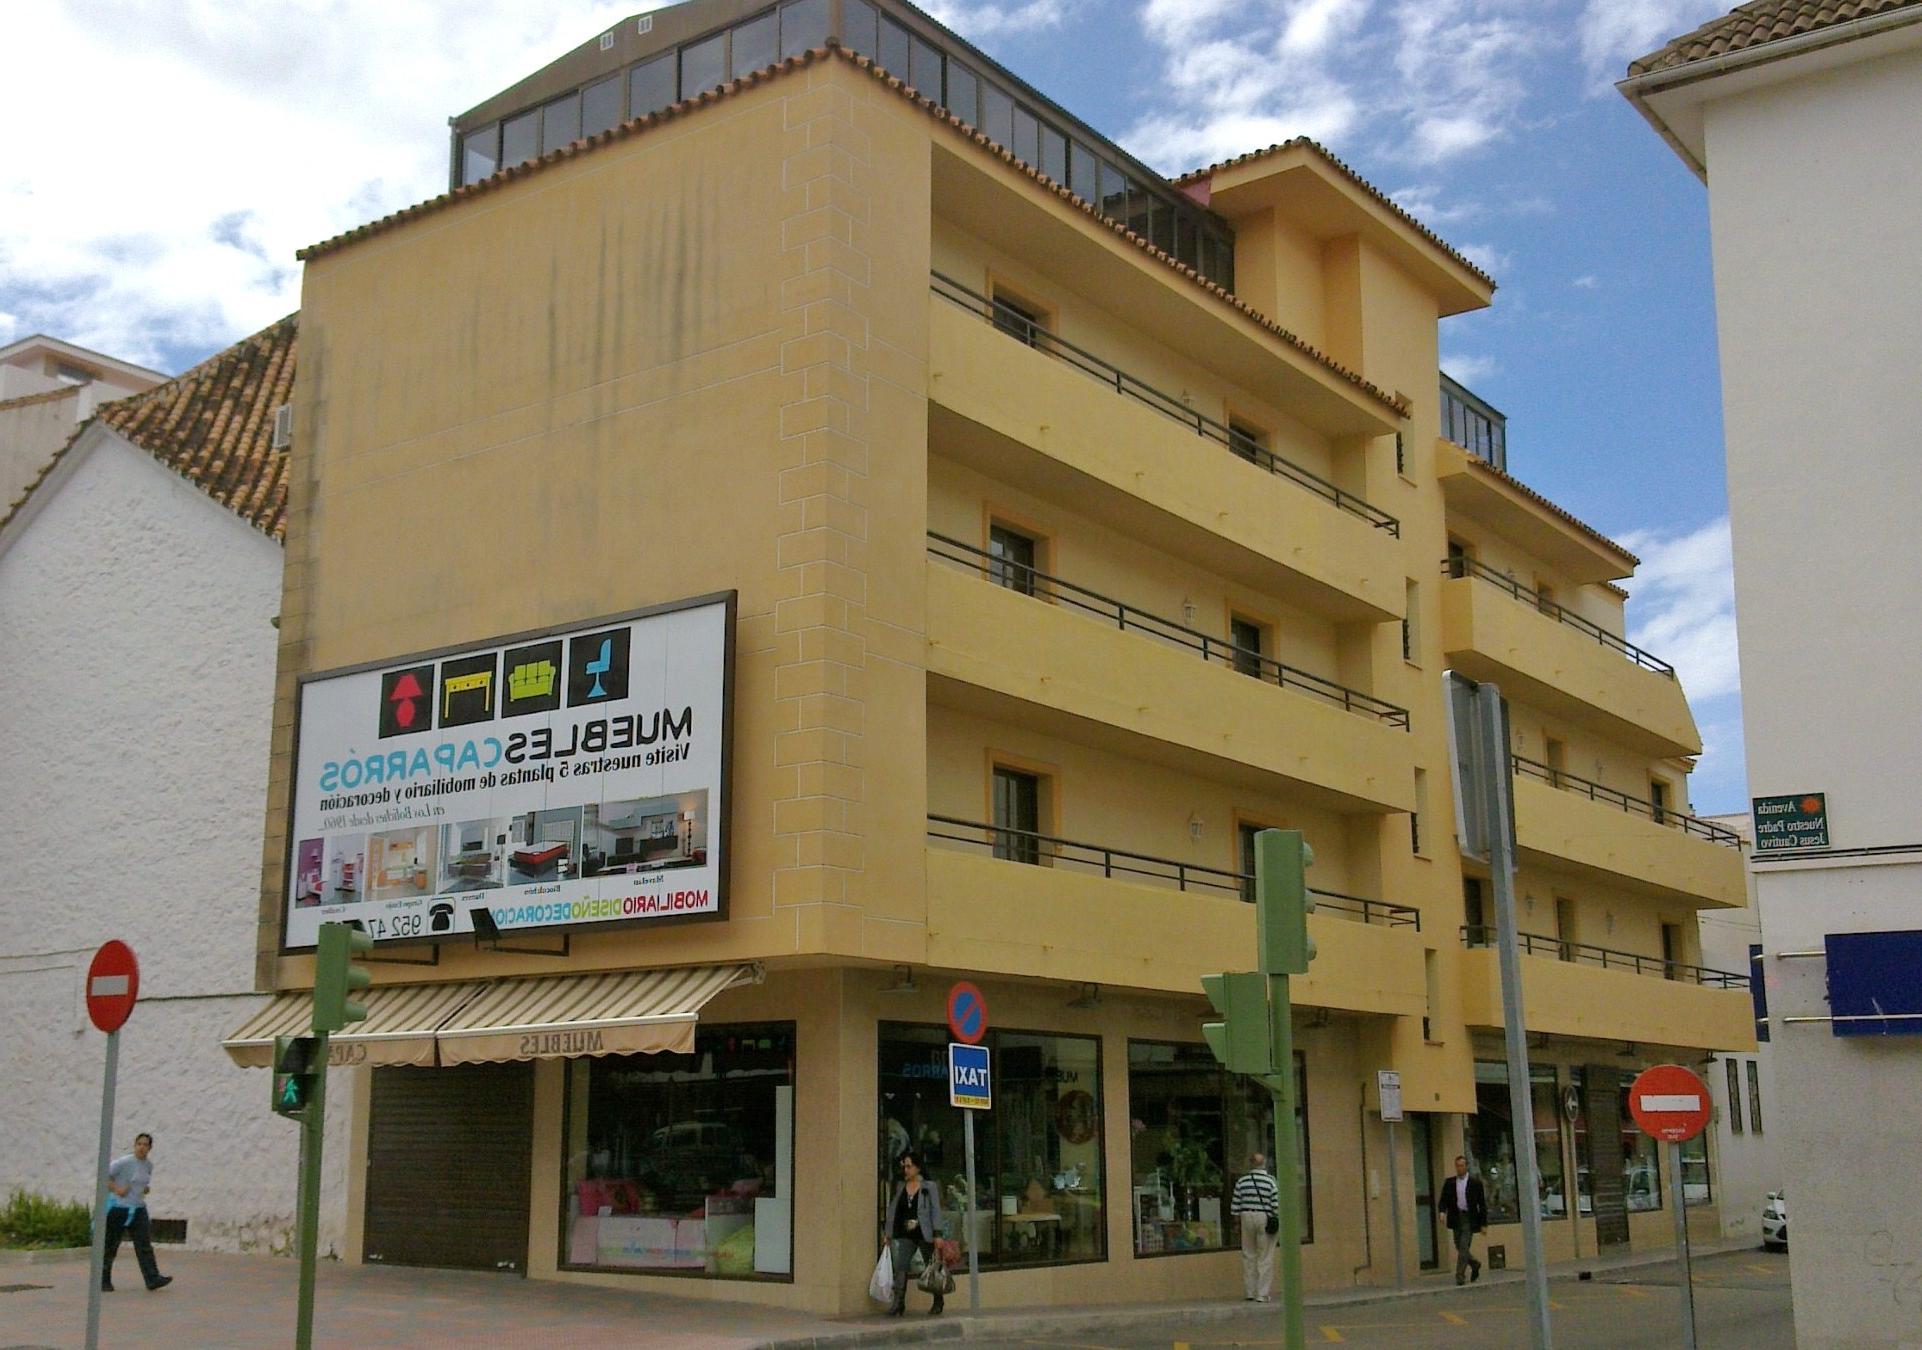 Tiendas De Muebles En Fuengirola Rldj Vendemos sofà S Y Sillones En Fuengirola Ven A Muebles Caparrà S